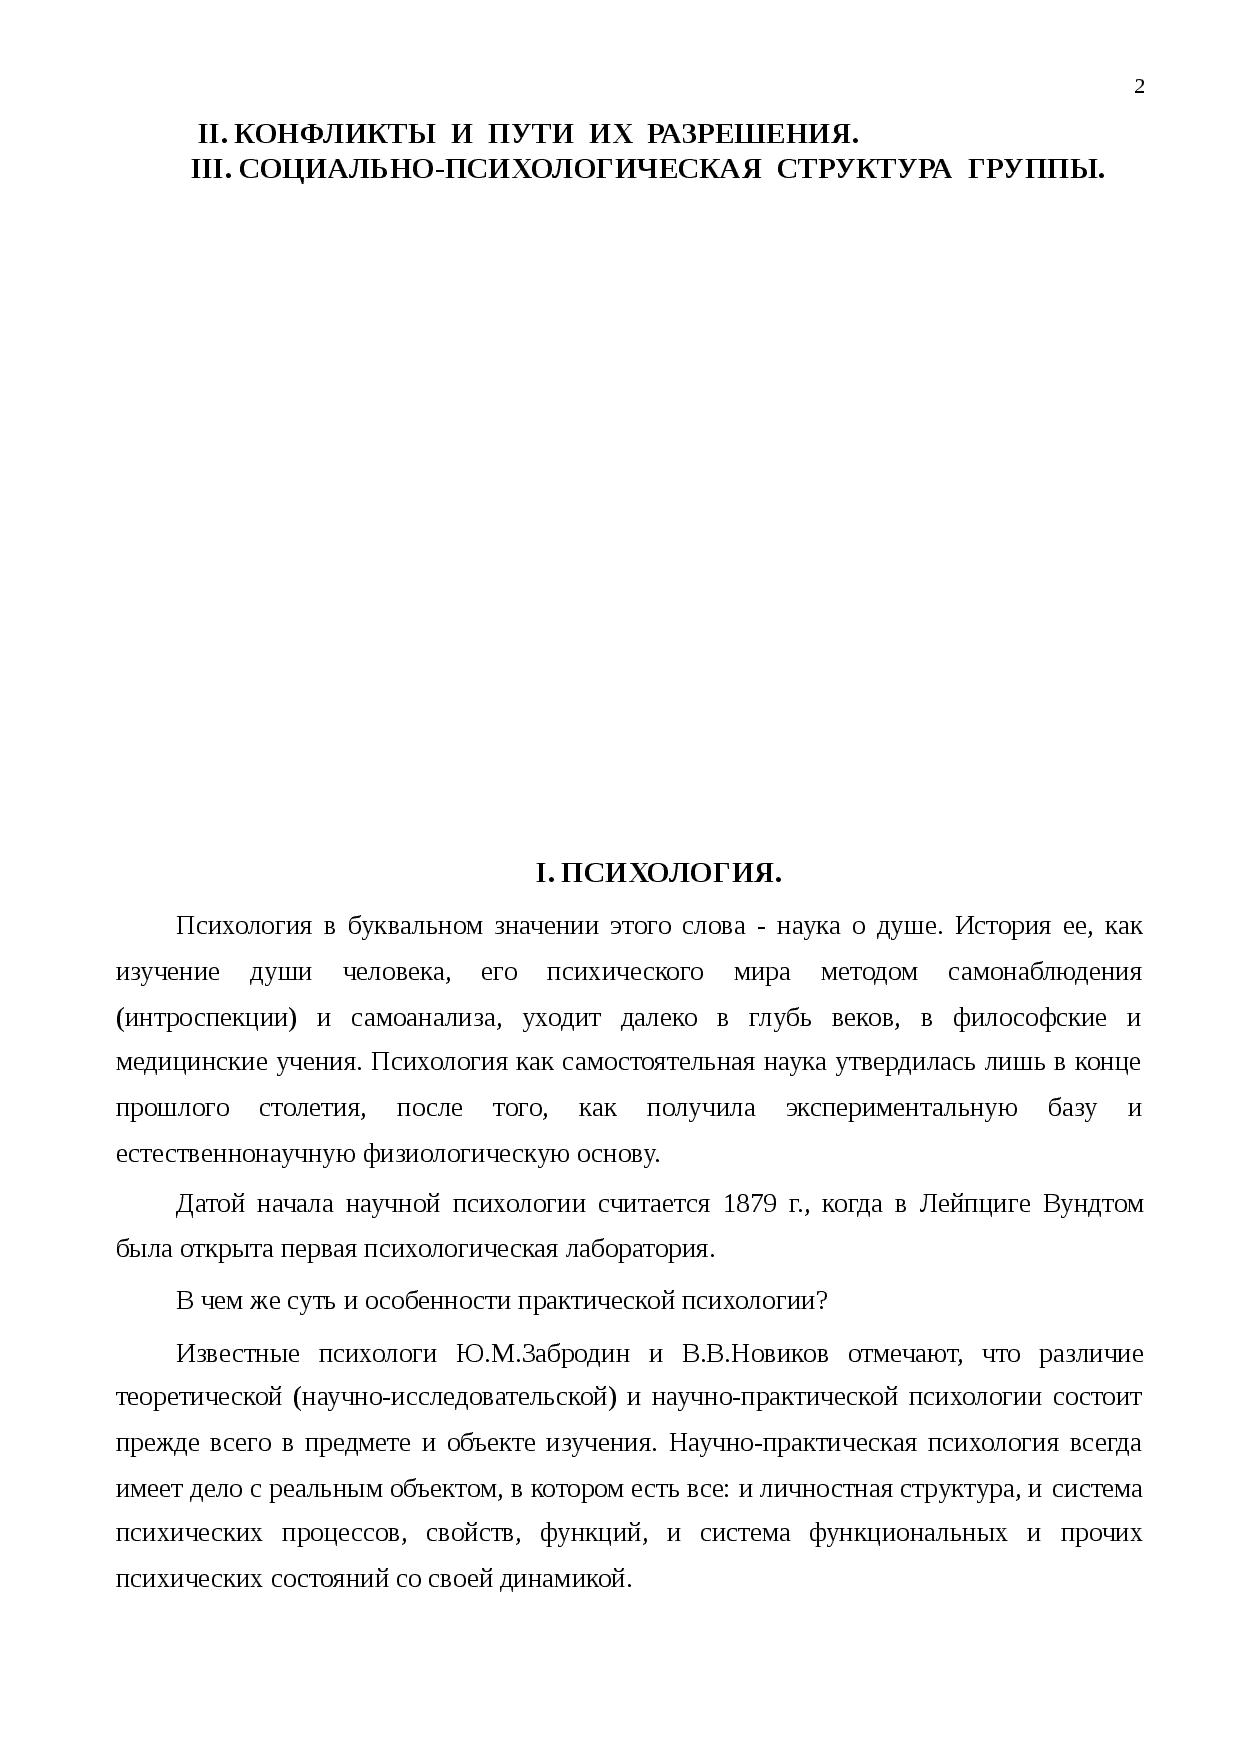 Психология: смысловое структура слов - бесплатные статьи по психологии в доме солнца